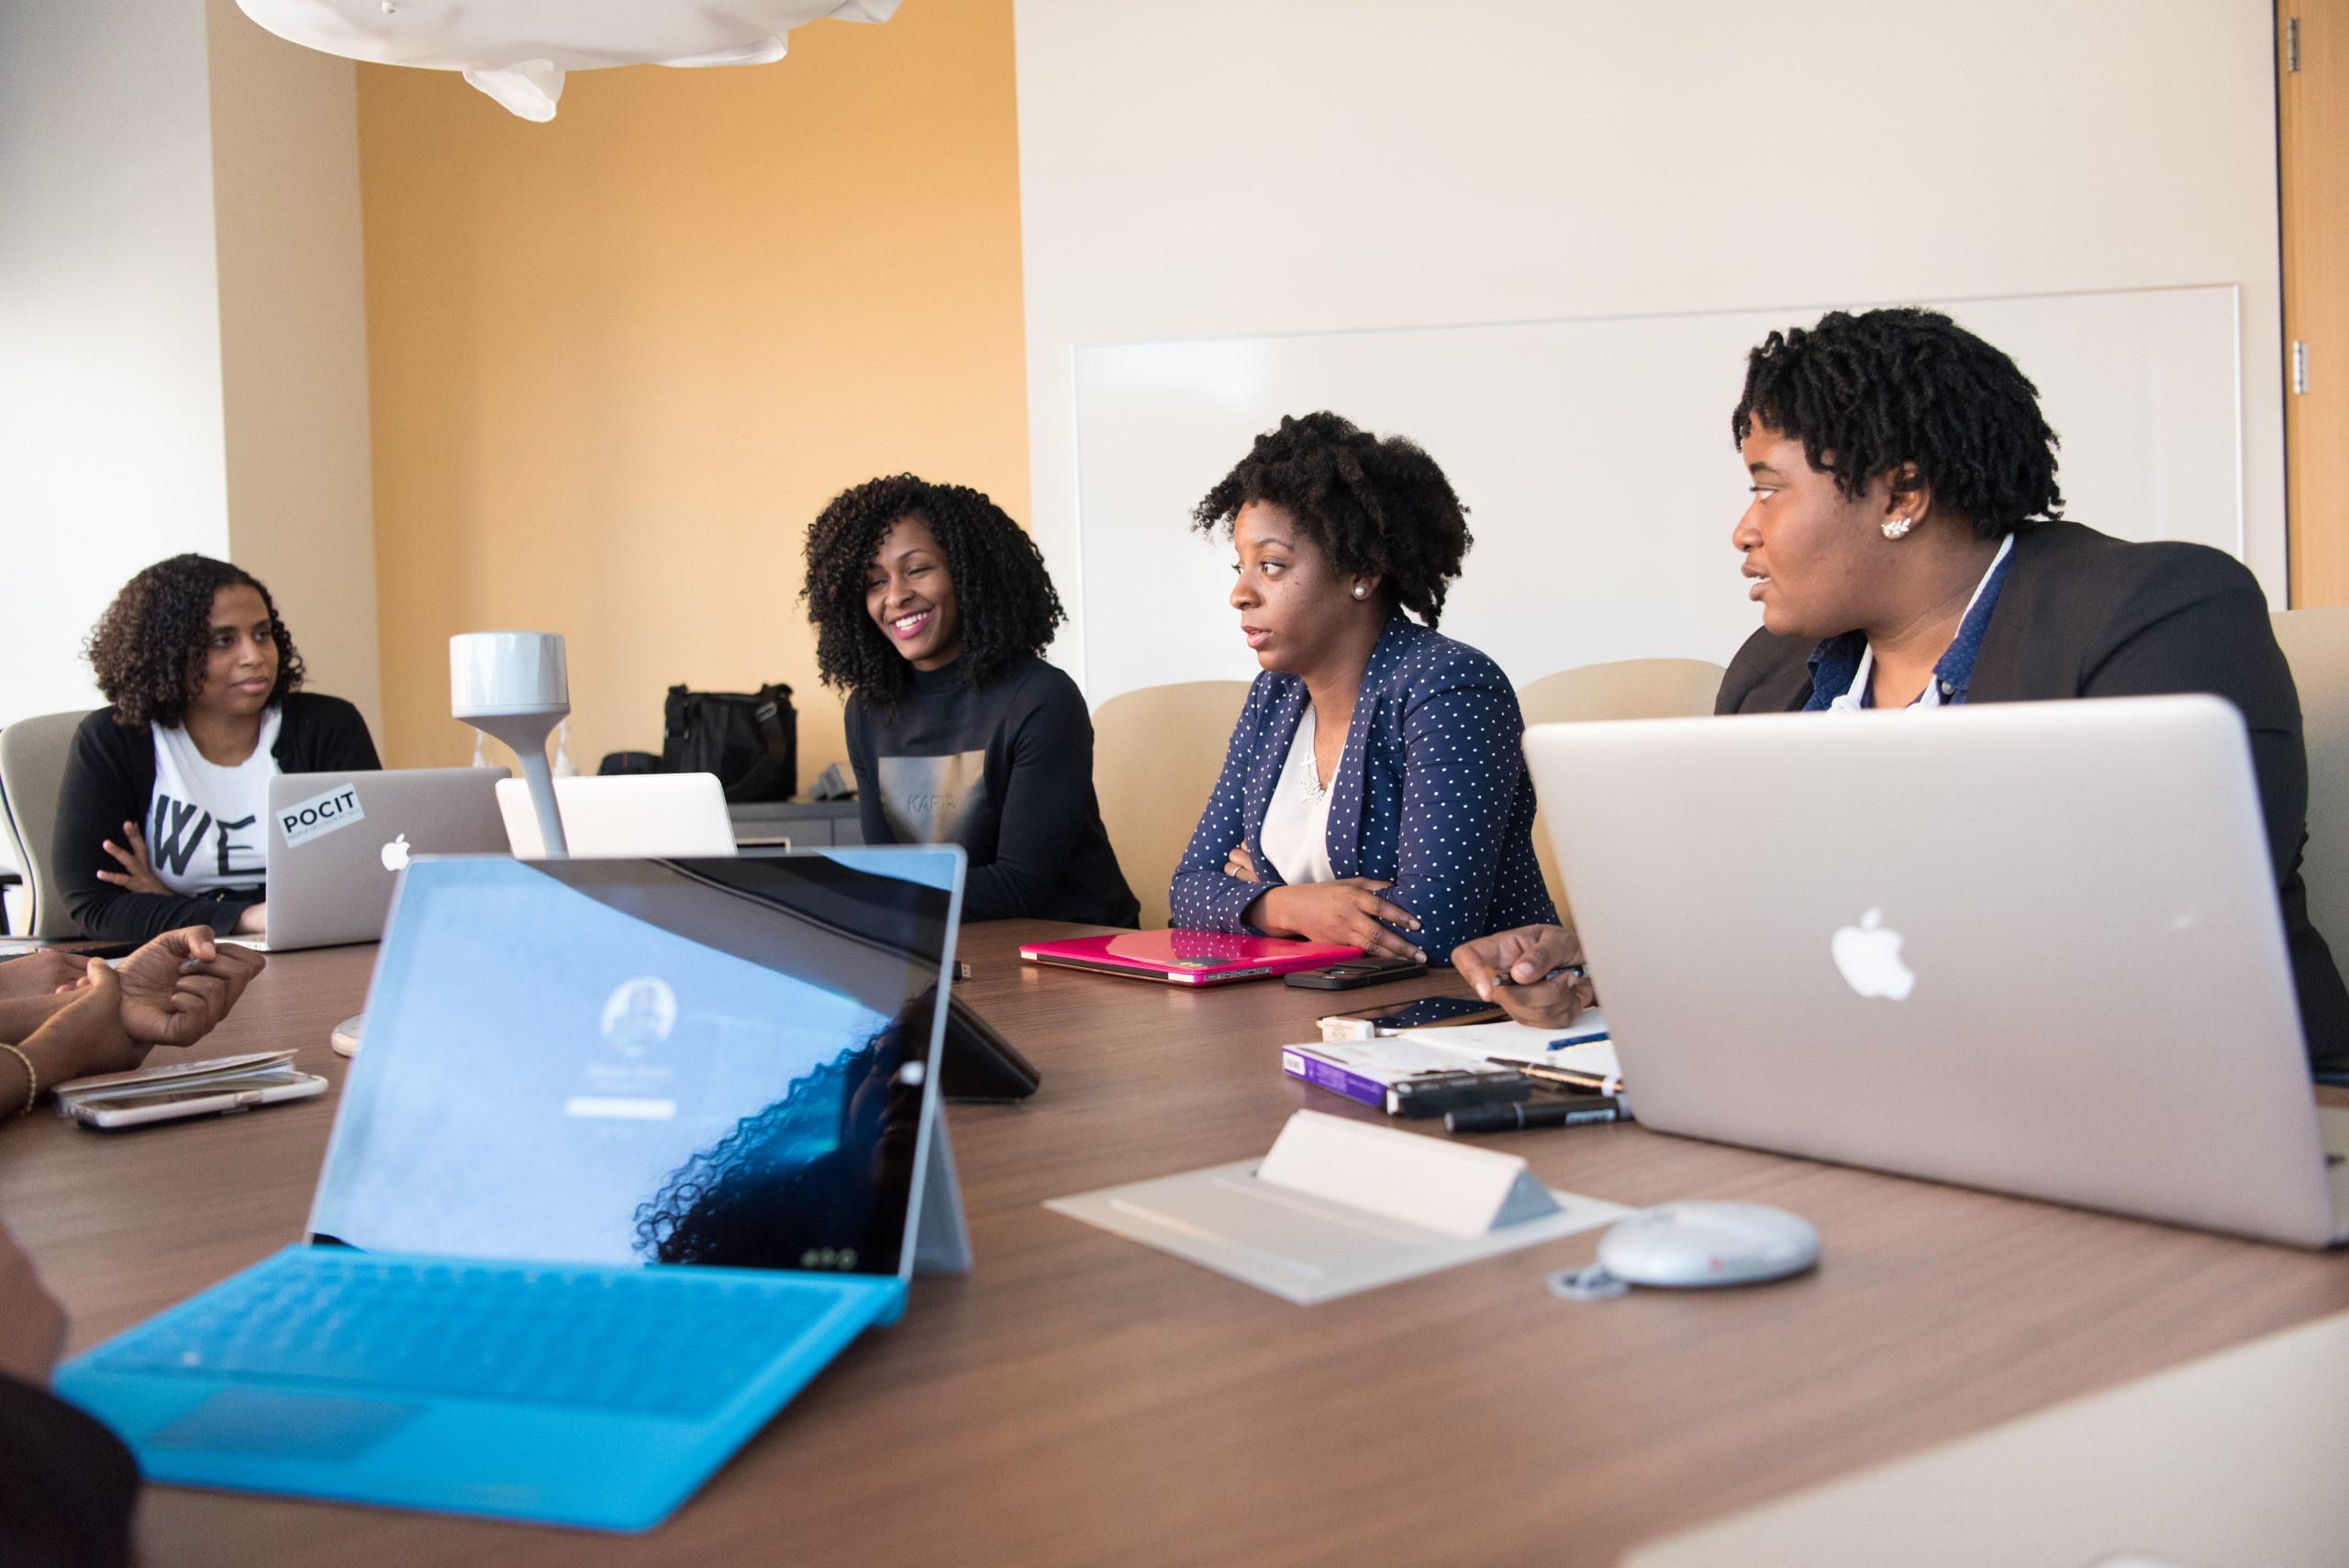 Equipe discutindo sobre sistema de informação